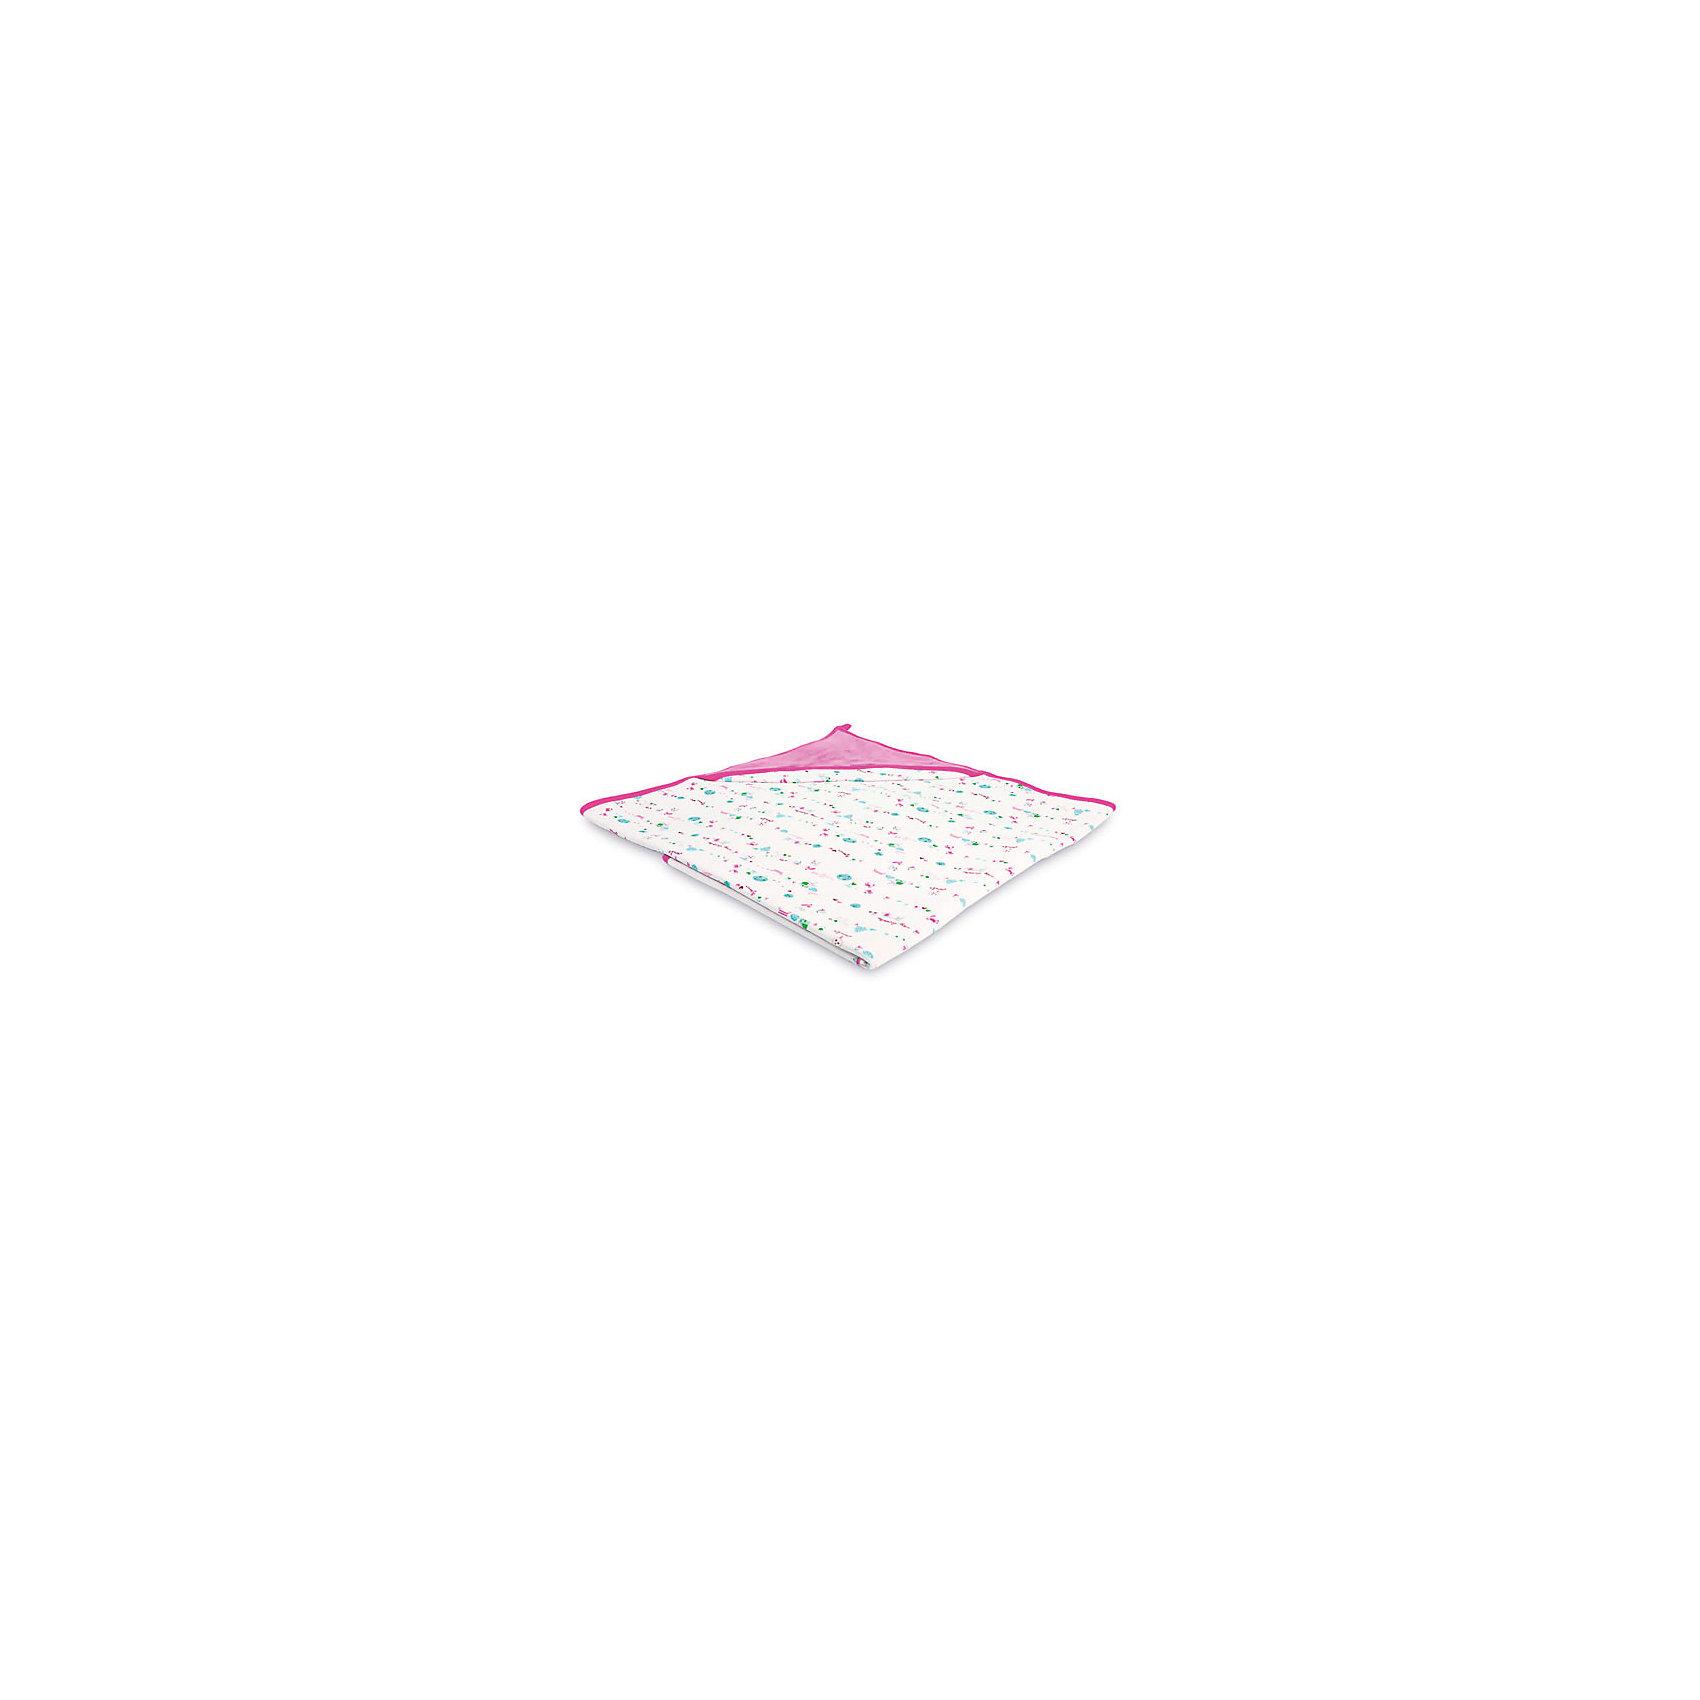 Пелёнка махровая, Сонный гномик, розовыйПолотенца, мочалки, халаты<br>Характеристики:<br><br>• Вид детского текстиля: пеленка для купания<br>• Пол: для девочки<br>• Тематика рисунка: сюжетный<br>• Сезон: круглый год<br>• Материал: хлопок 100%<br>• Цвет: розовый, белый, зеленый<br>• Размеры: 90*90 см<br>• Наличие петельки для подвешивания<br>• Наличие уголка-капюшона<br>• Вес в упаковке: 320 г<br>• Особенности ухода: машинная стирка при температуре 30 градусов<br><br>Пелёнка махровая, Сонный гномик, розовый от отечественного торгового бренда изготовлена с учетом международных требований к качеству и безопасности товаров для детей. Пелёнка имеет удобную квадратную форму. Одна сторона выполнена из махрового полотна, вторая – из трикотажного полотна. Пеленка предназначена для купания, для удобства ее использования предусмотрена петелька для подвешивания на крючок. Для защиты головы малыша имеется капюшон в форме уголка. Изделие выполнено из натурального хлопка, что обеспечивает его хорошие влаговпитывающие свойства, при этом полотенце быстро высыхает и легко стирается. <br>Пелёнка махровая, Сонный гномик, розовый обеспечит комфорт как во время купания, так и отдыха после приема ванны! <br><br>Пелёнку махровую, Сонный гномик, розовую можно купить в нашем интернет-магазине.<br><br>Ширина мм: 140<br>Глубина мм: 50<br>Высота мм: 120<br>Вес г: 320<br>Возраст от месяцев: 0<br>Возраст до месяцев: 48<br>Пол: Женский<br>Возраст: Детский<br>SKU: 4922780